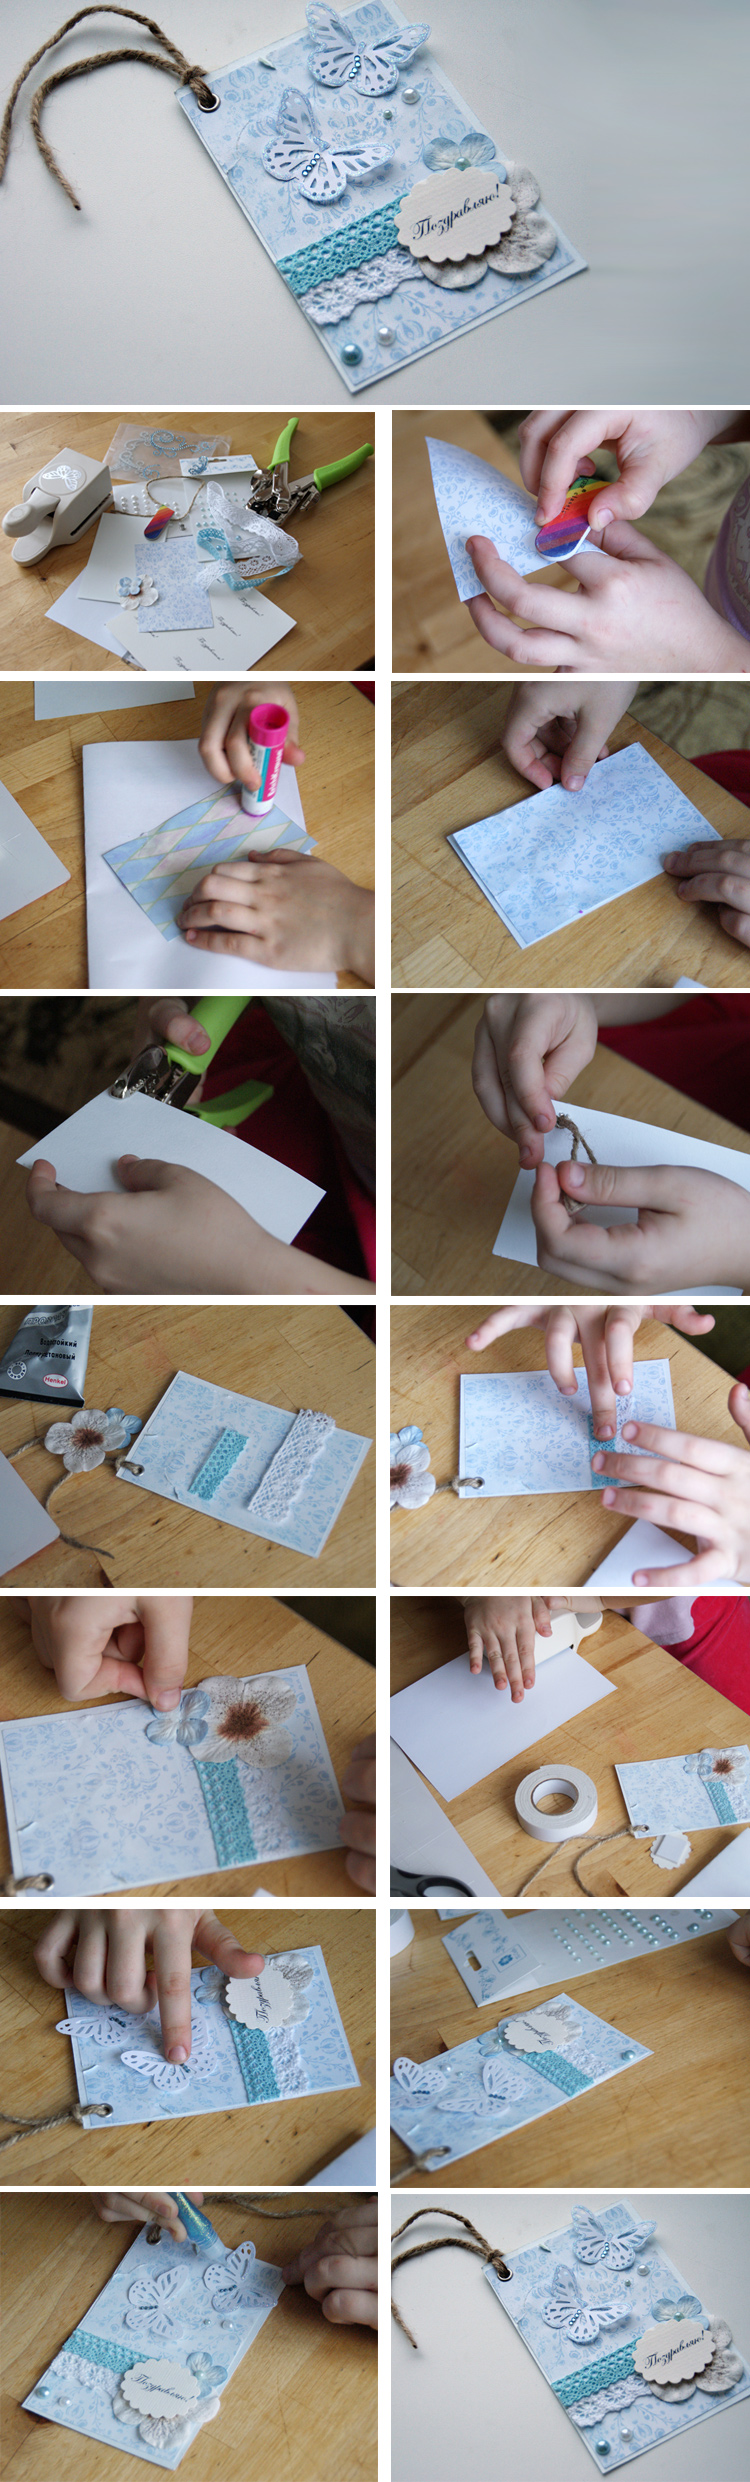 Надписью, смотреть открытки как делать из руки